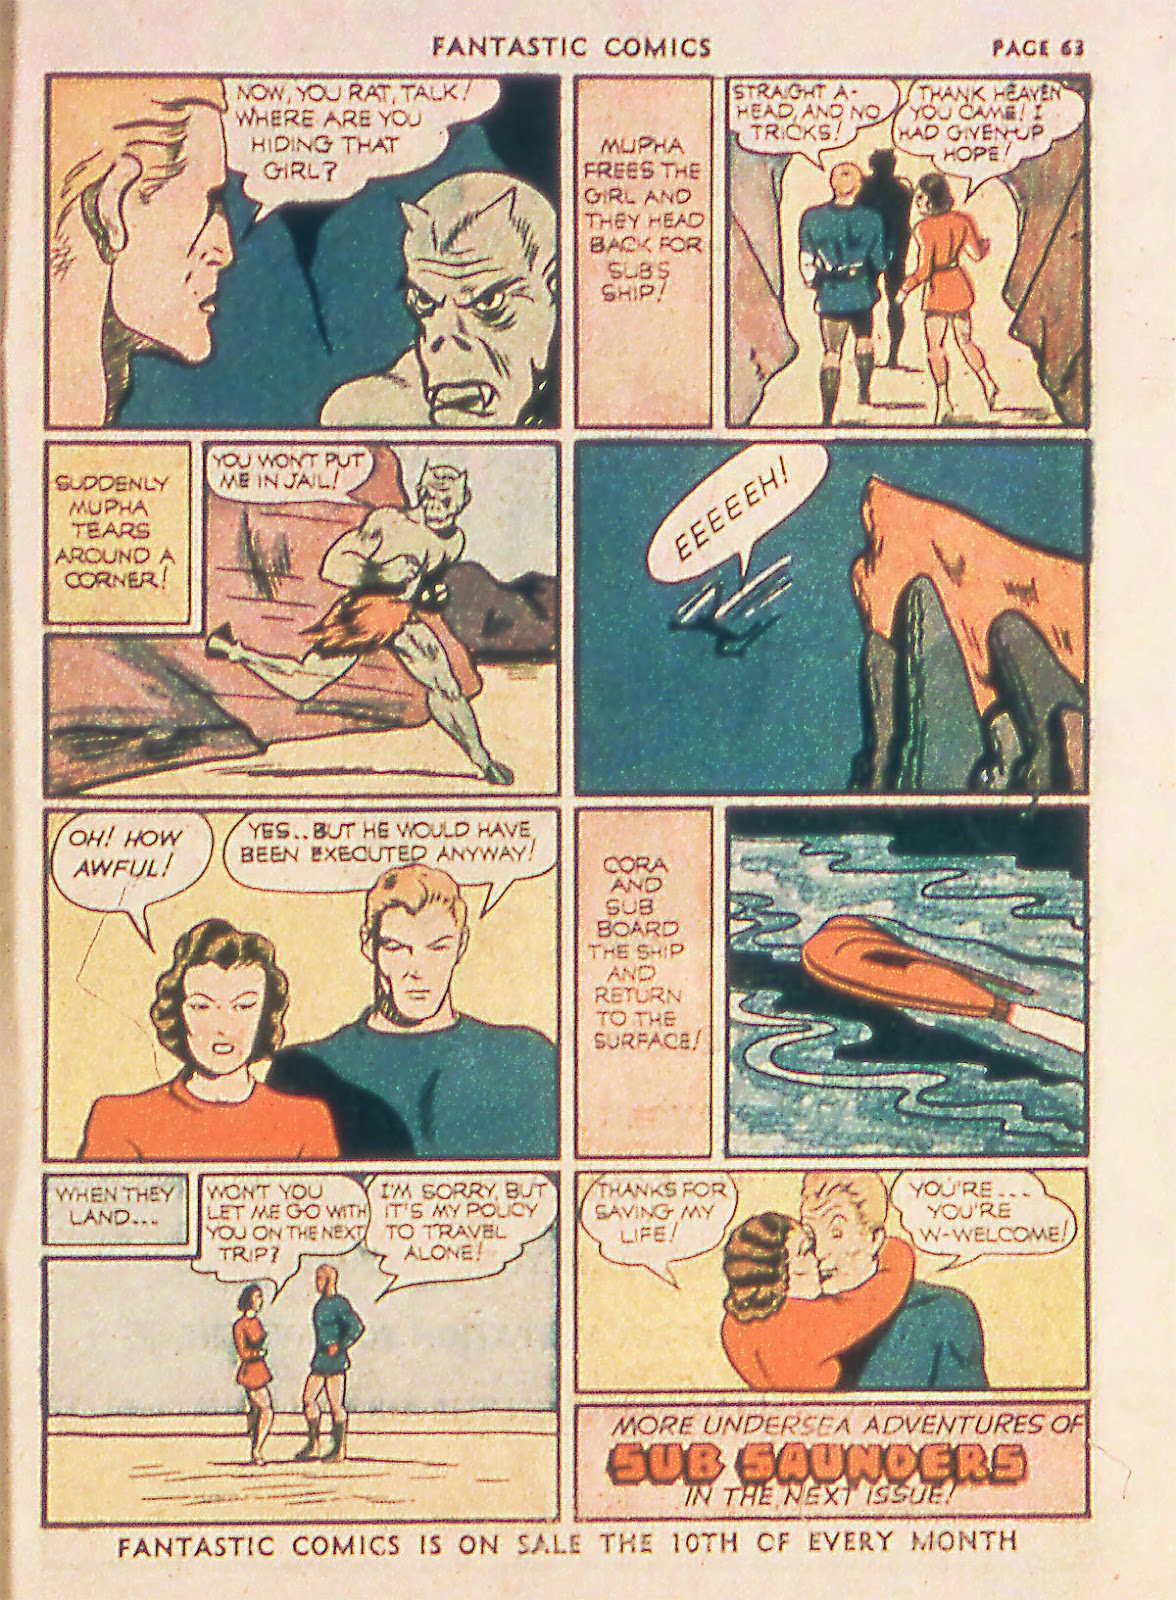 Read online Fantastic Comics comic -  Issue #18 - 65